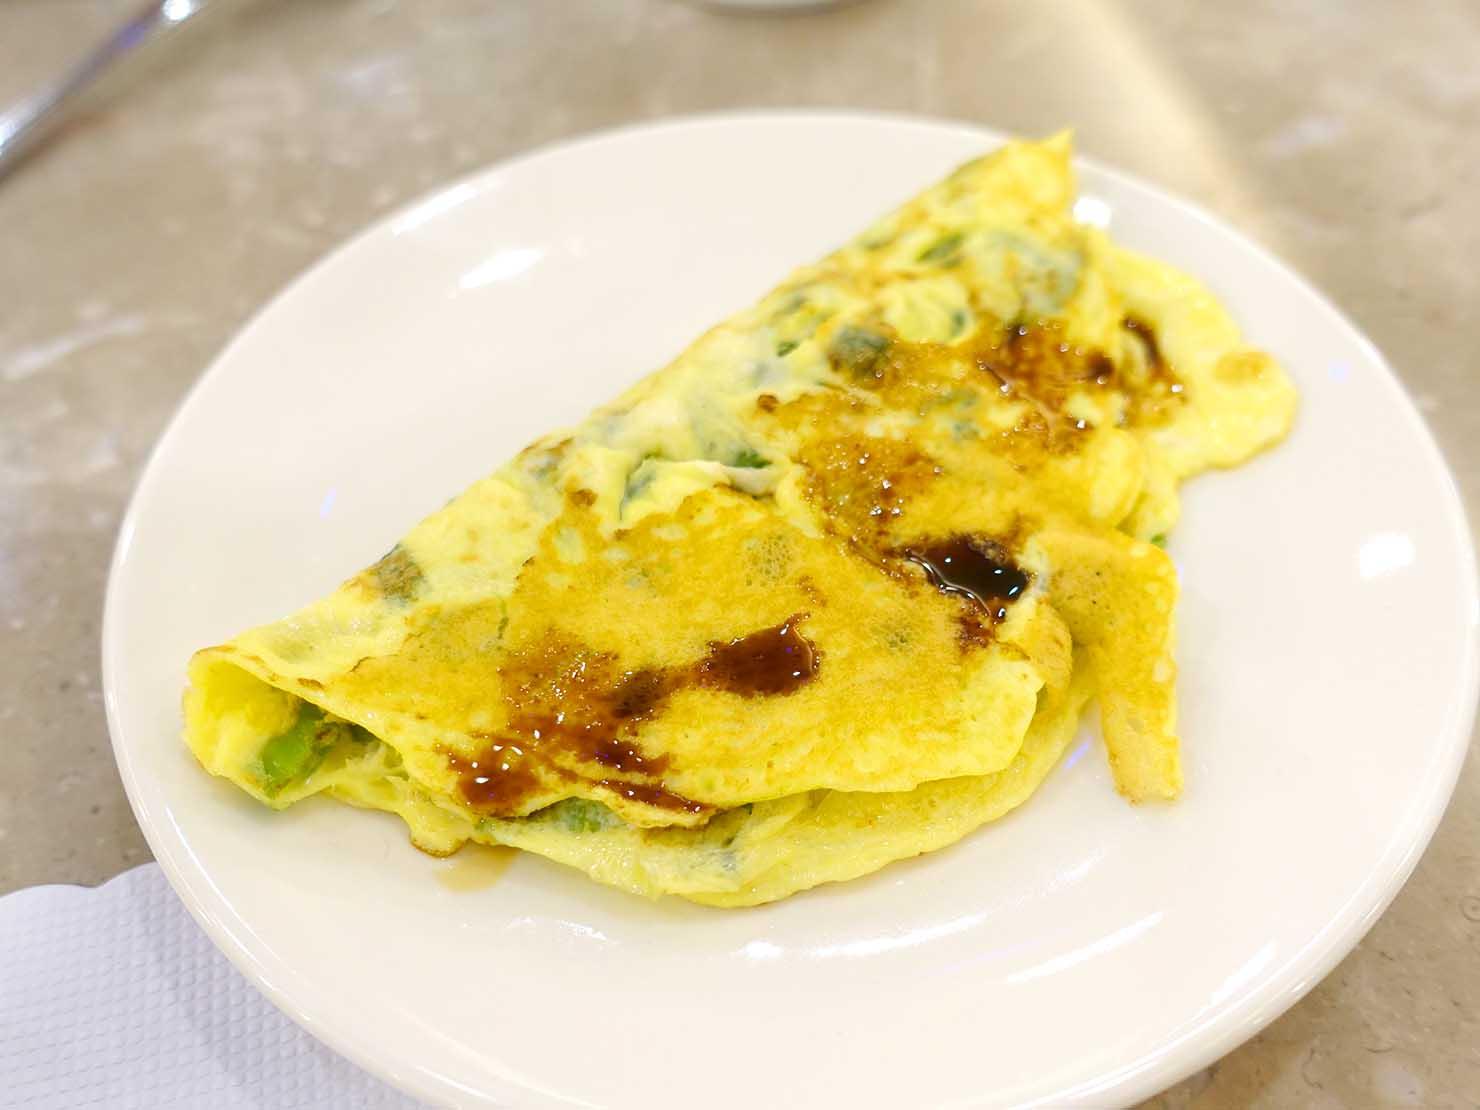 高雄のおすすめチェーンホテル「康橋商旅 Kindness Hotel(漢神館)」朝食ビュッフェのたまご料理